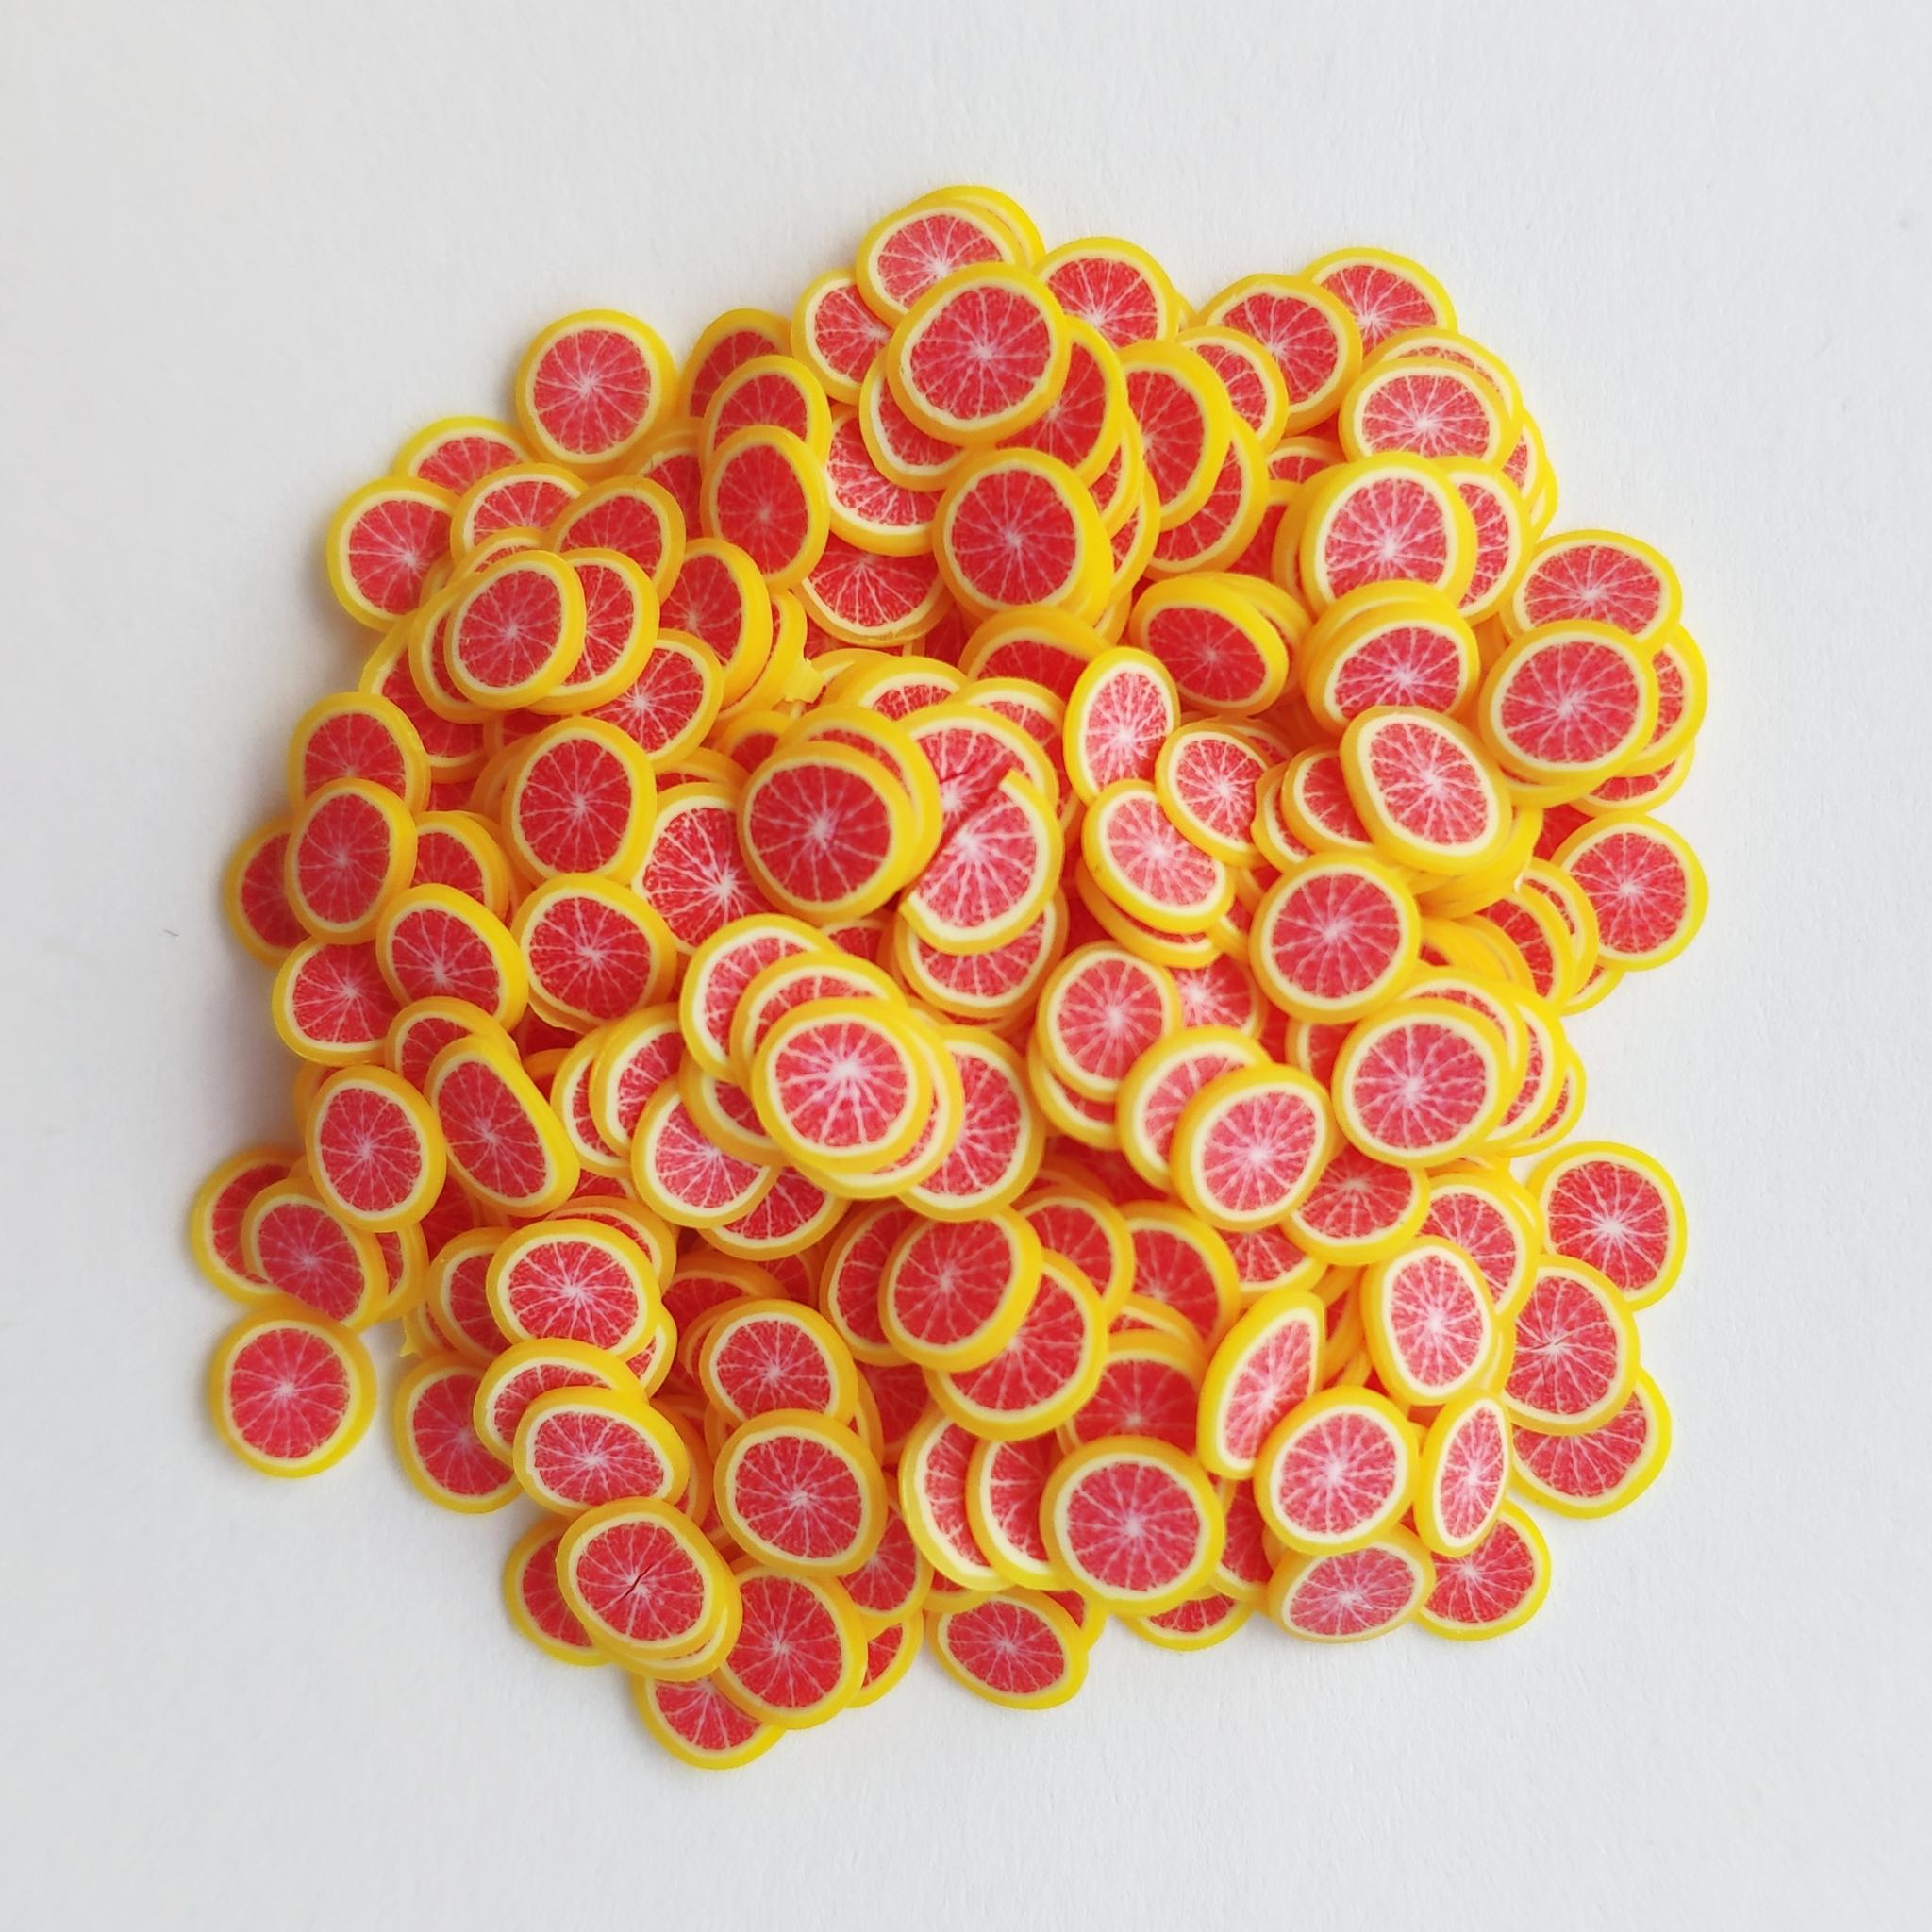 Фимо фрукты для слайма грейпфрут 1 кг